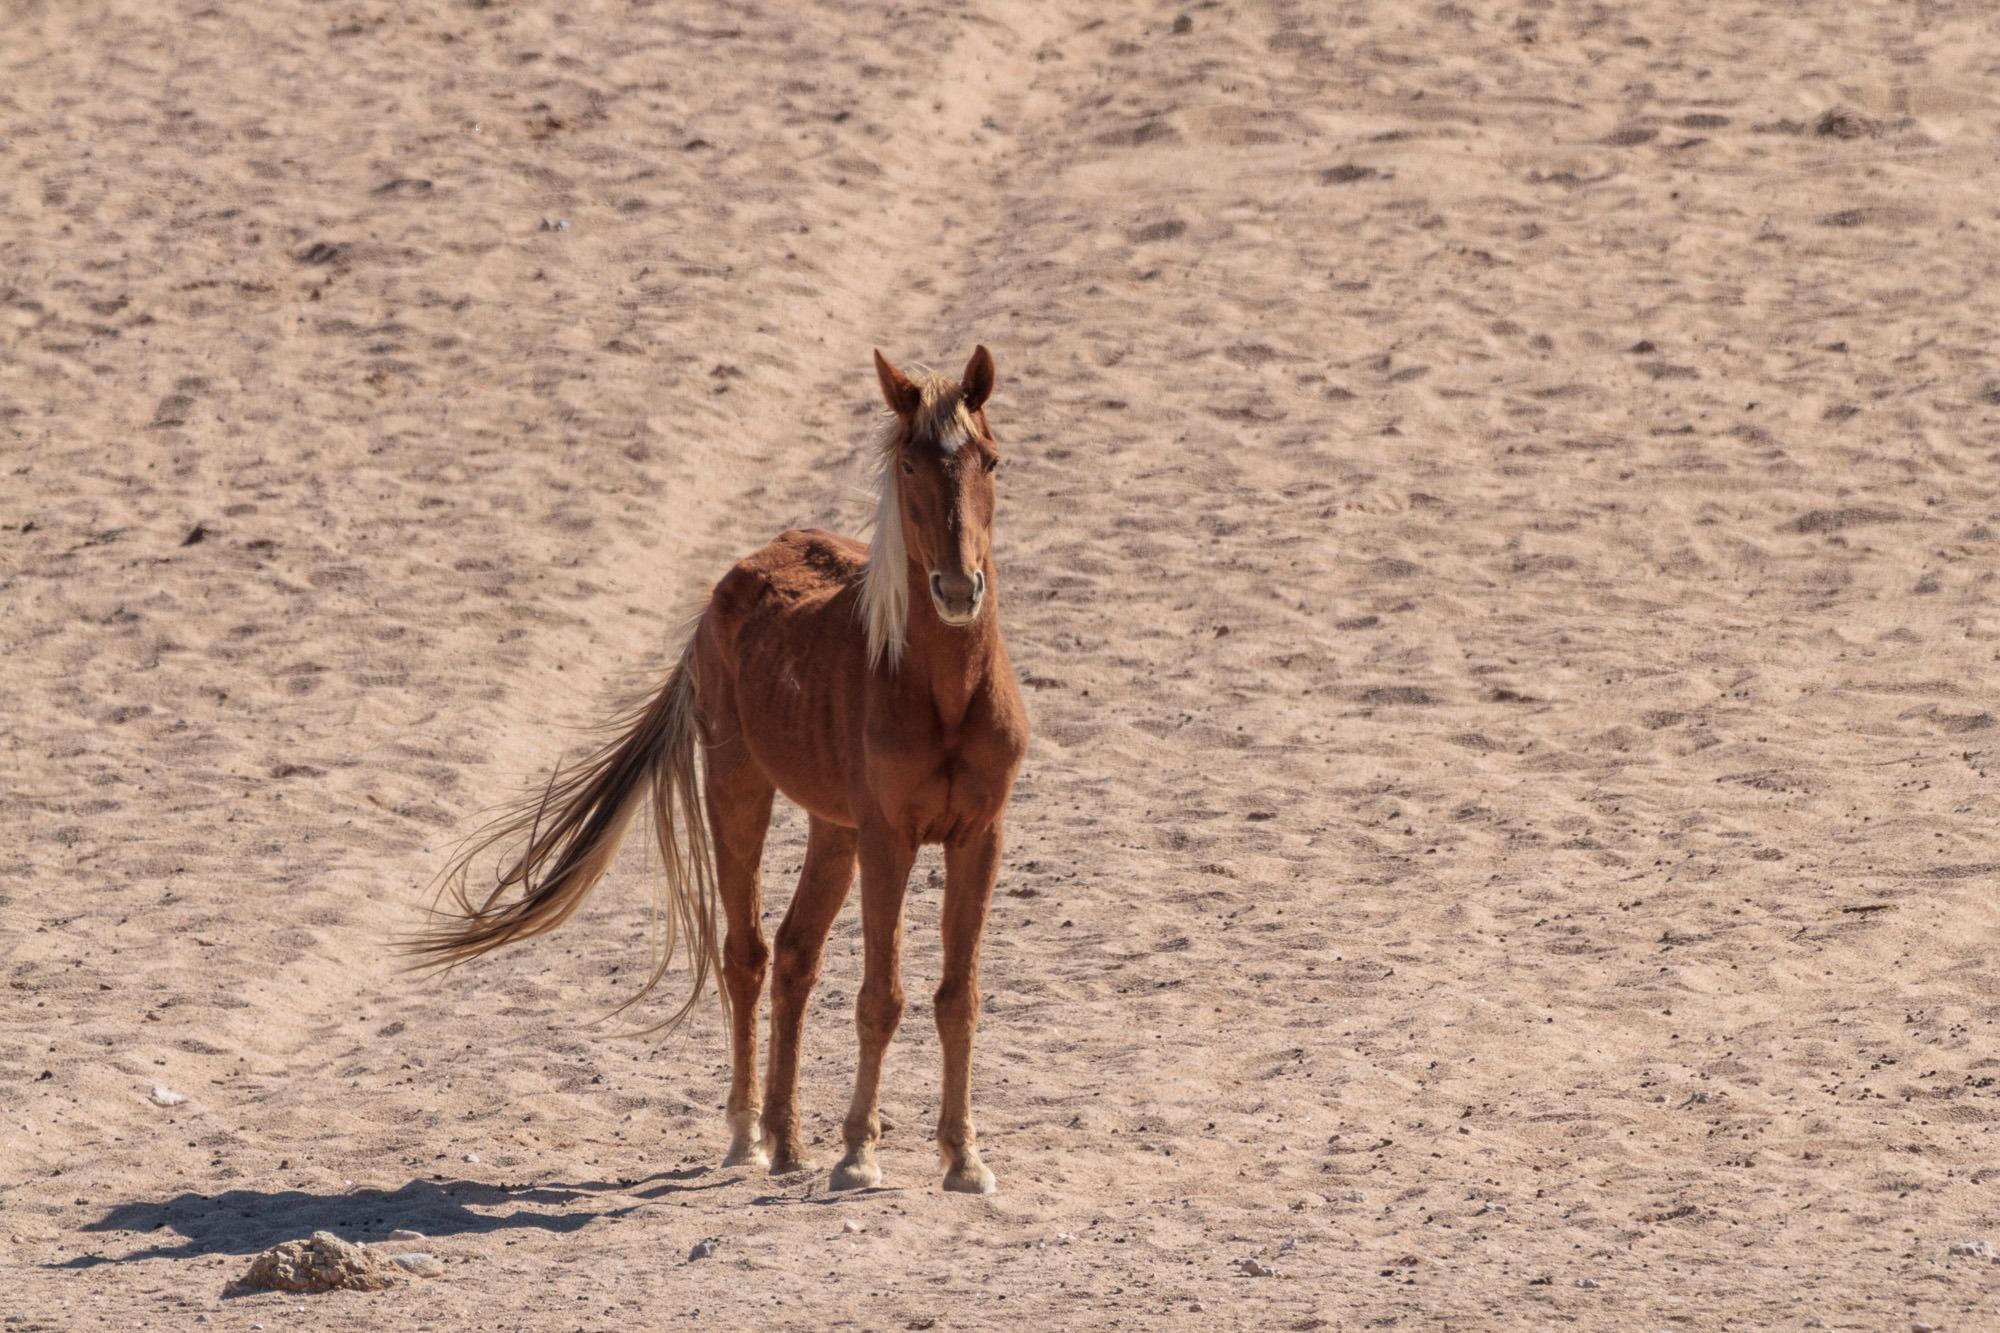 Garub Wildpferd in der Namib Wüste